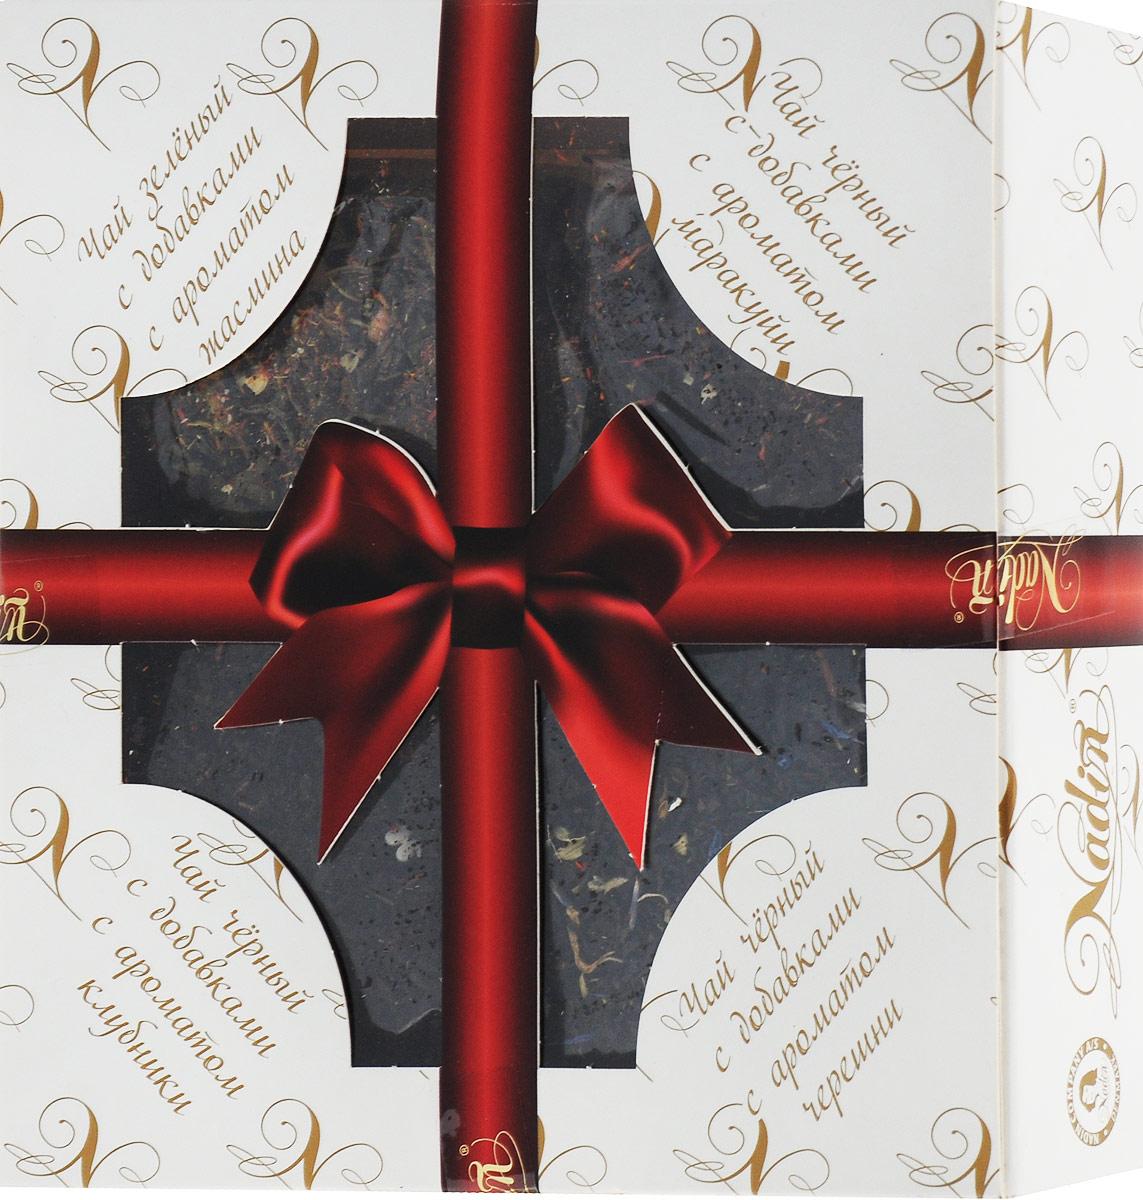 Nadin Подарочный набор 4 вида чая, 200 г nadin счастья в новом году чай черный листовой 50 г